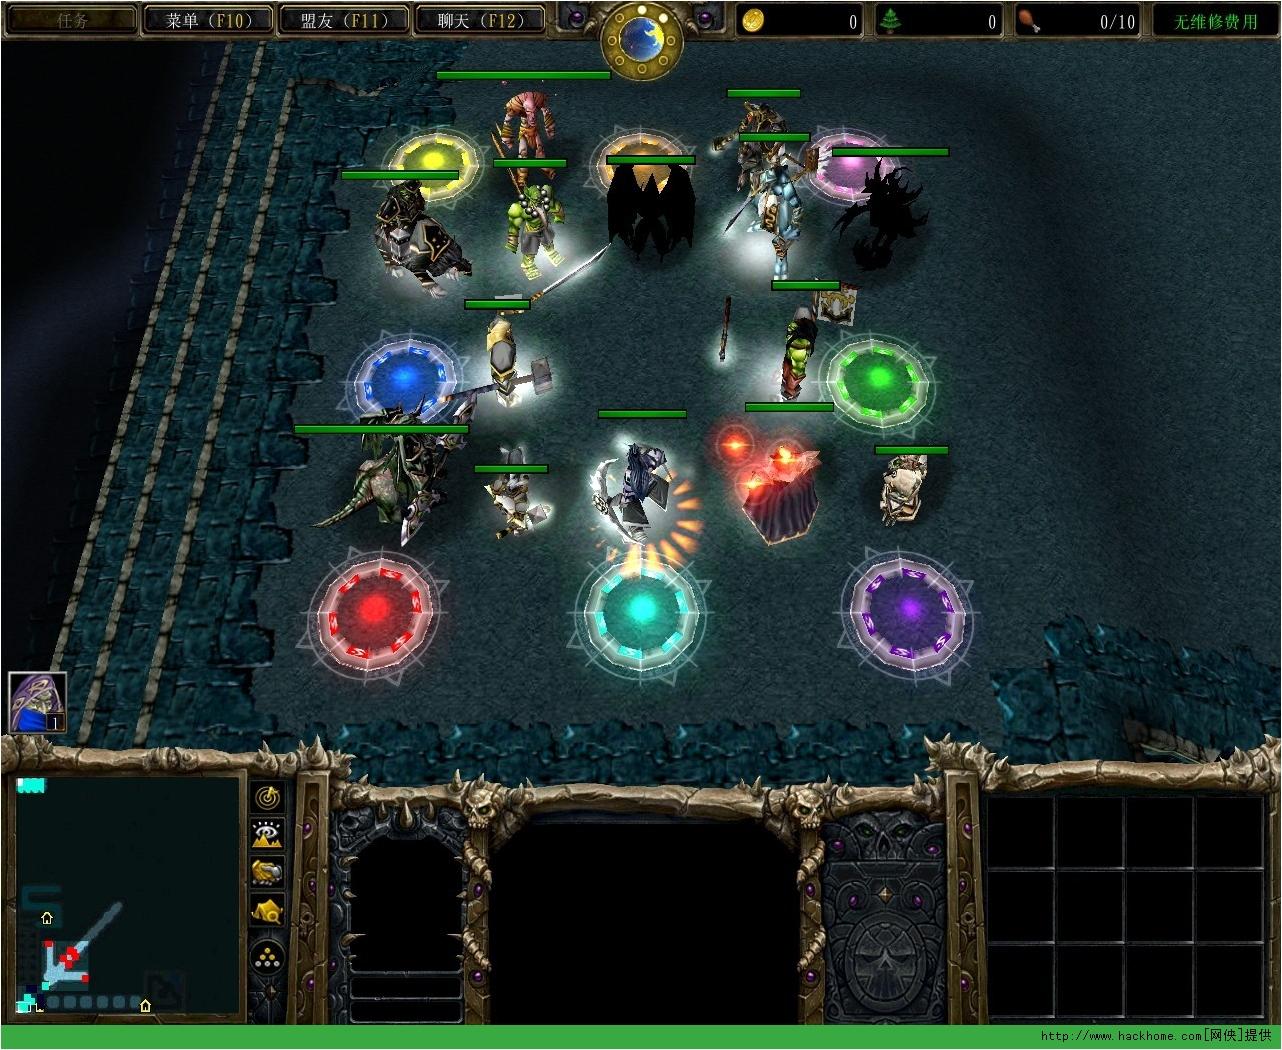 魔兽争霸3rpg地图包_魔兽RPG地图下载